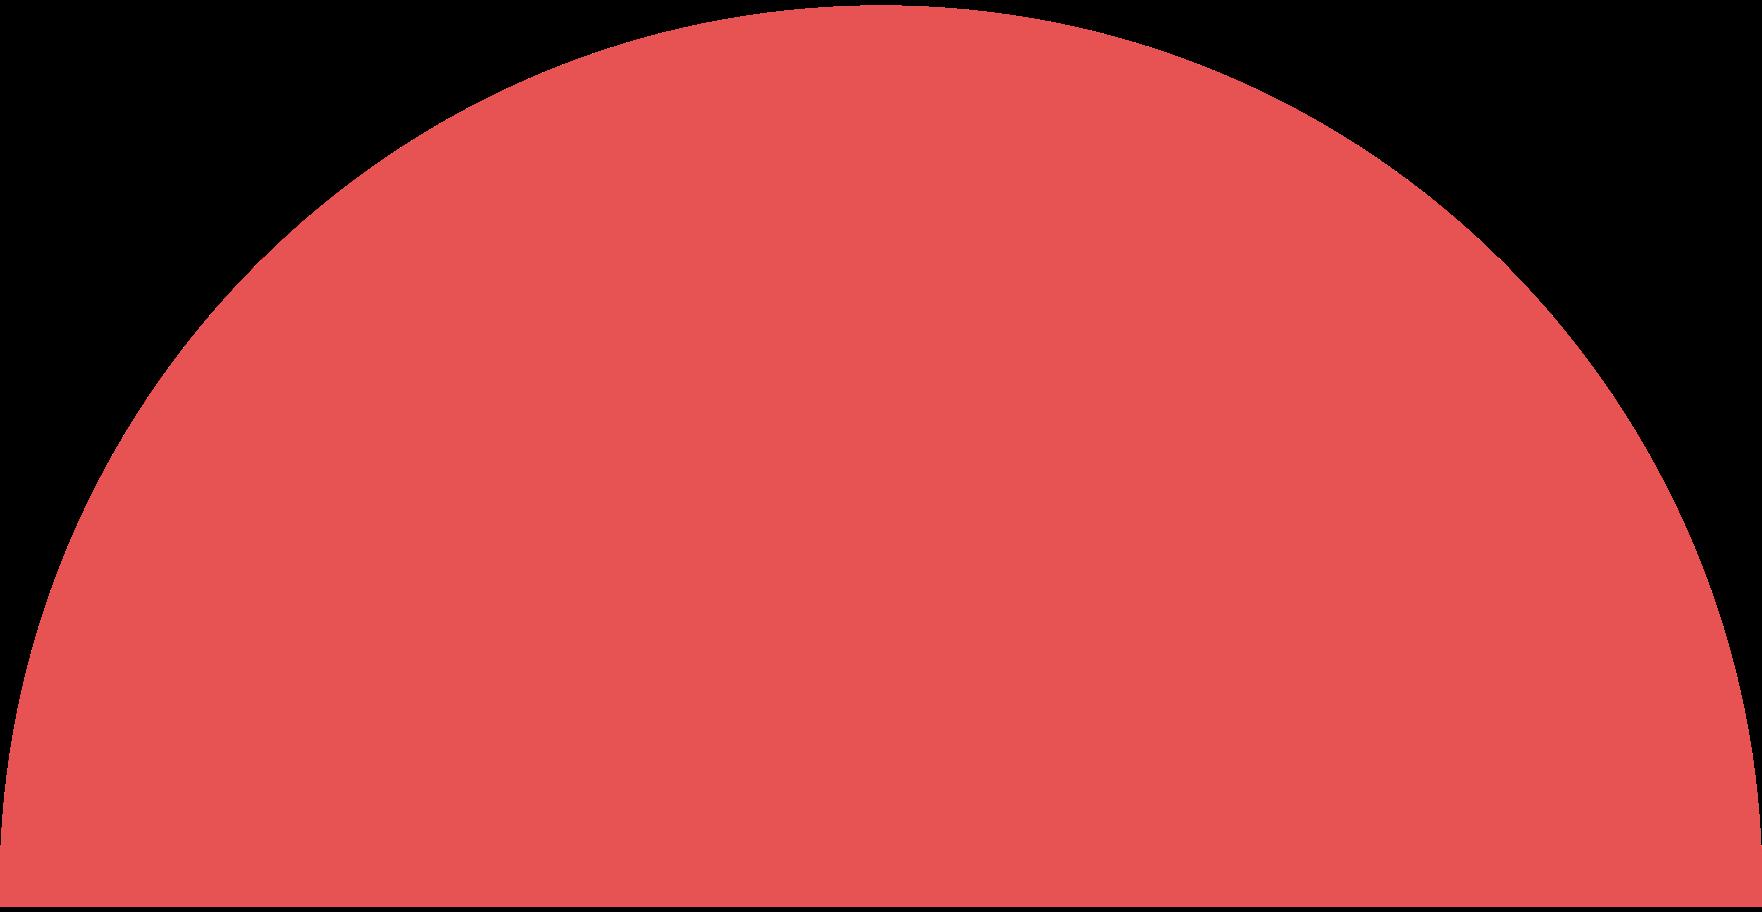 Style  Demi-cercle rouge Images vectorielles en PNG et SVG | Icons8 Illustrations